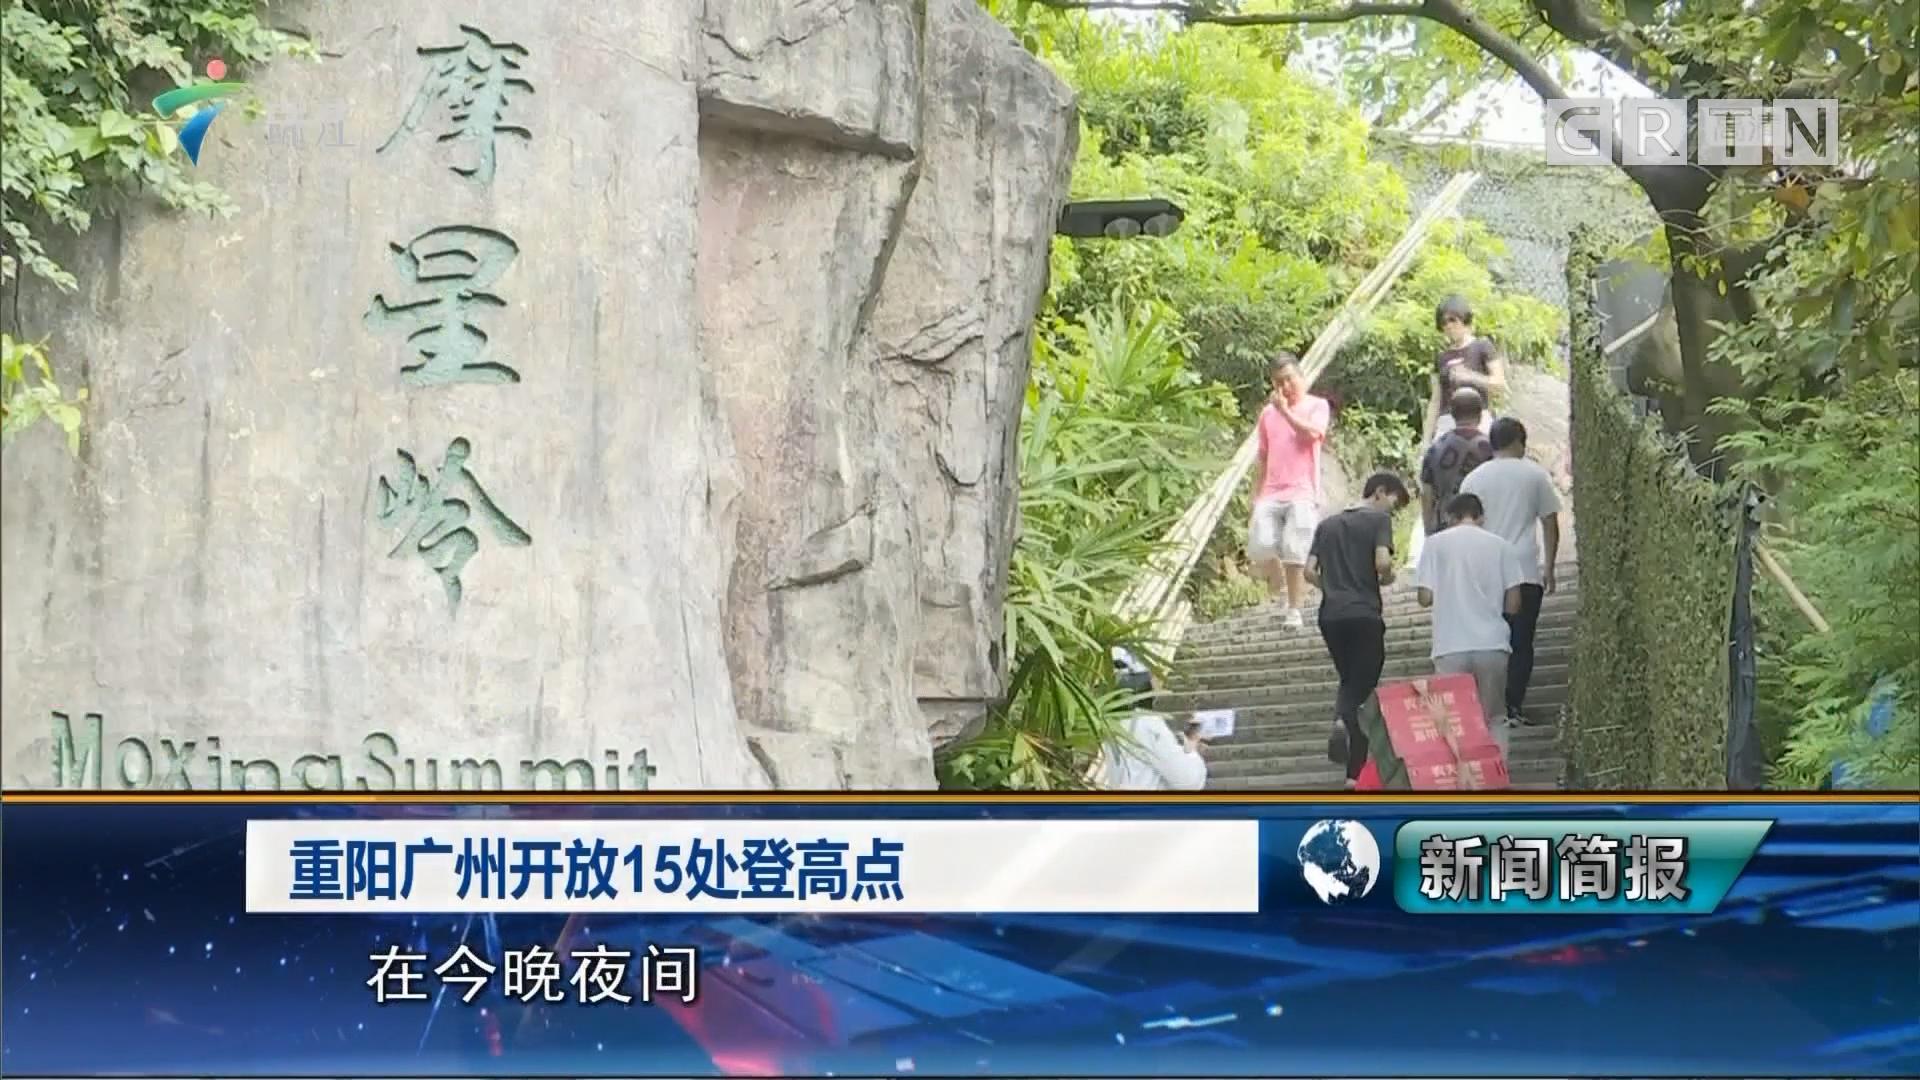 重阳广州开放15处登高点